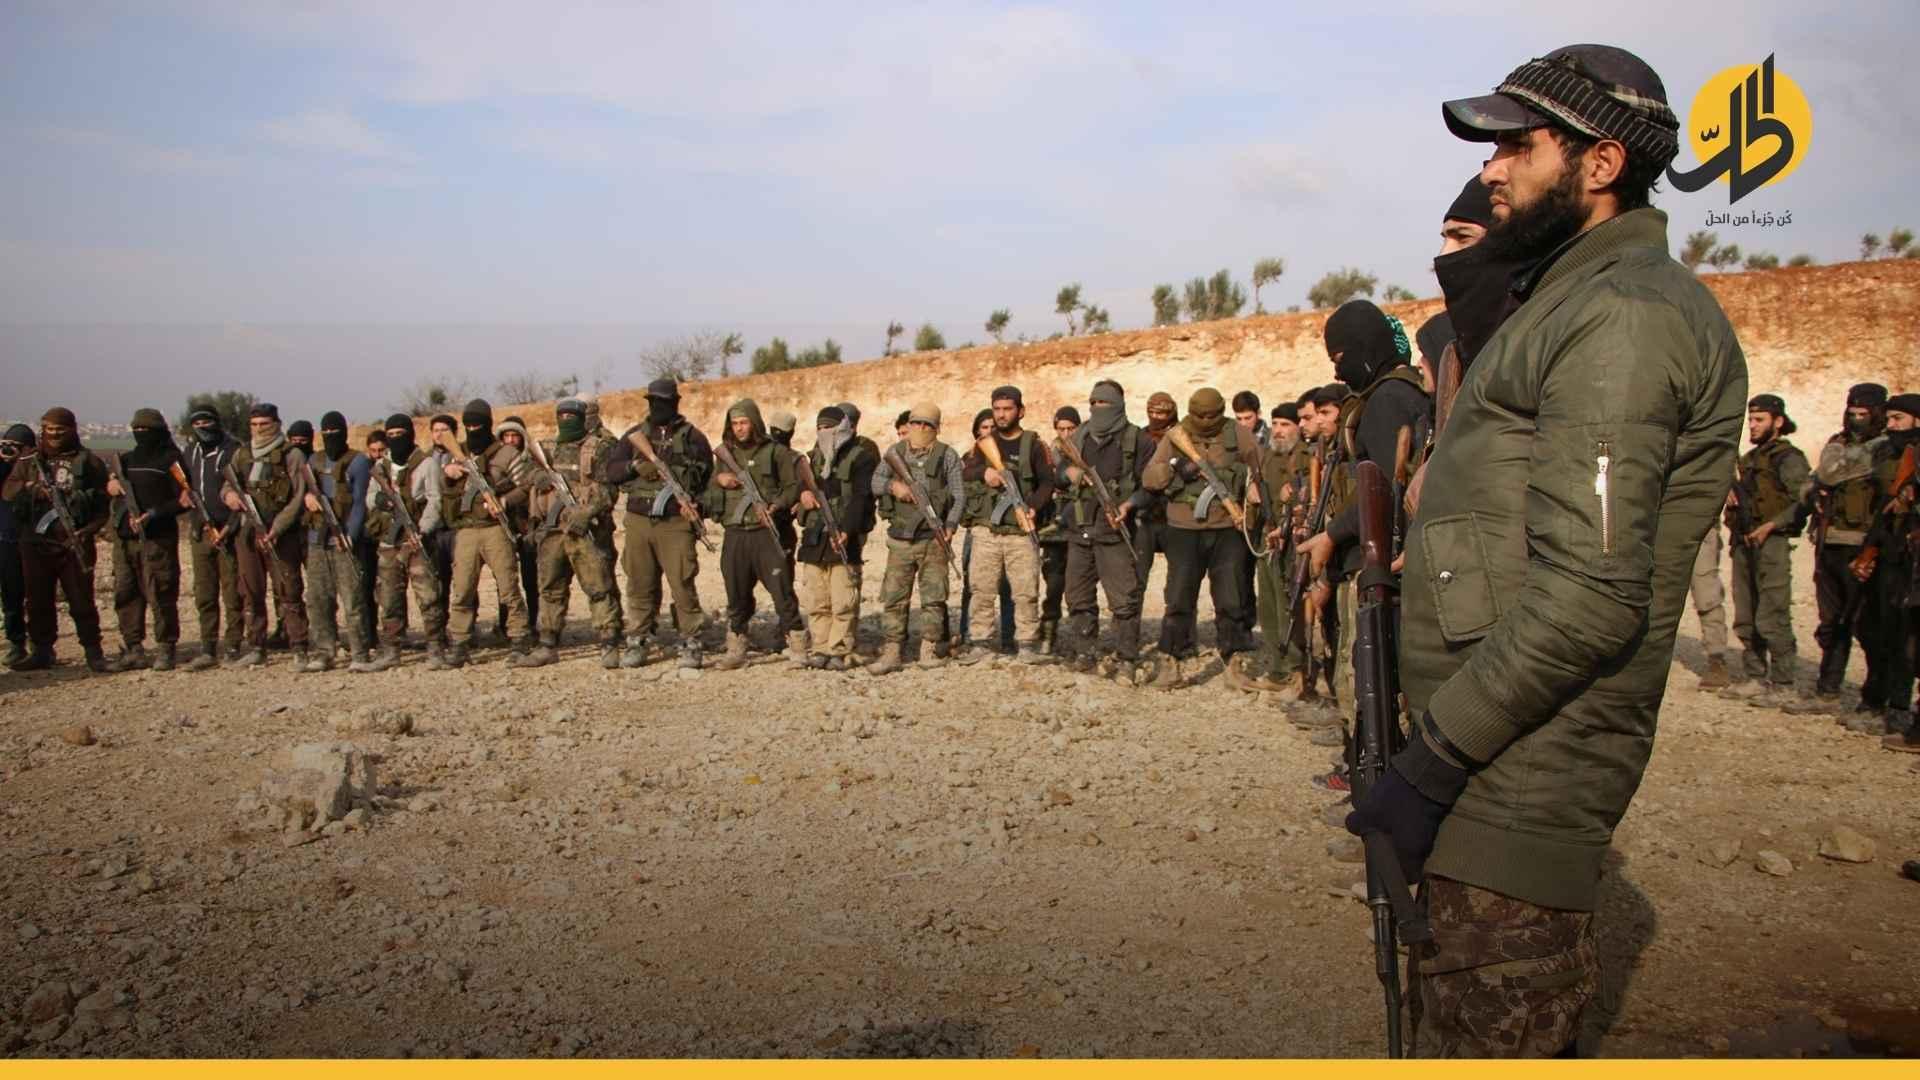 تشكيلات عسكرية جديدة.. هل اقتربت المعركة الكبرى بين فصائل الشمال السوري؟